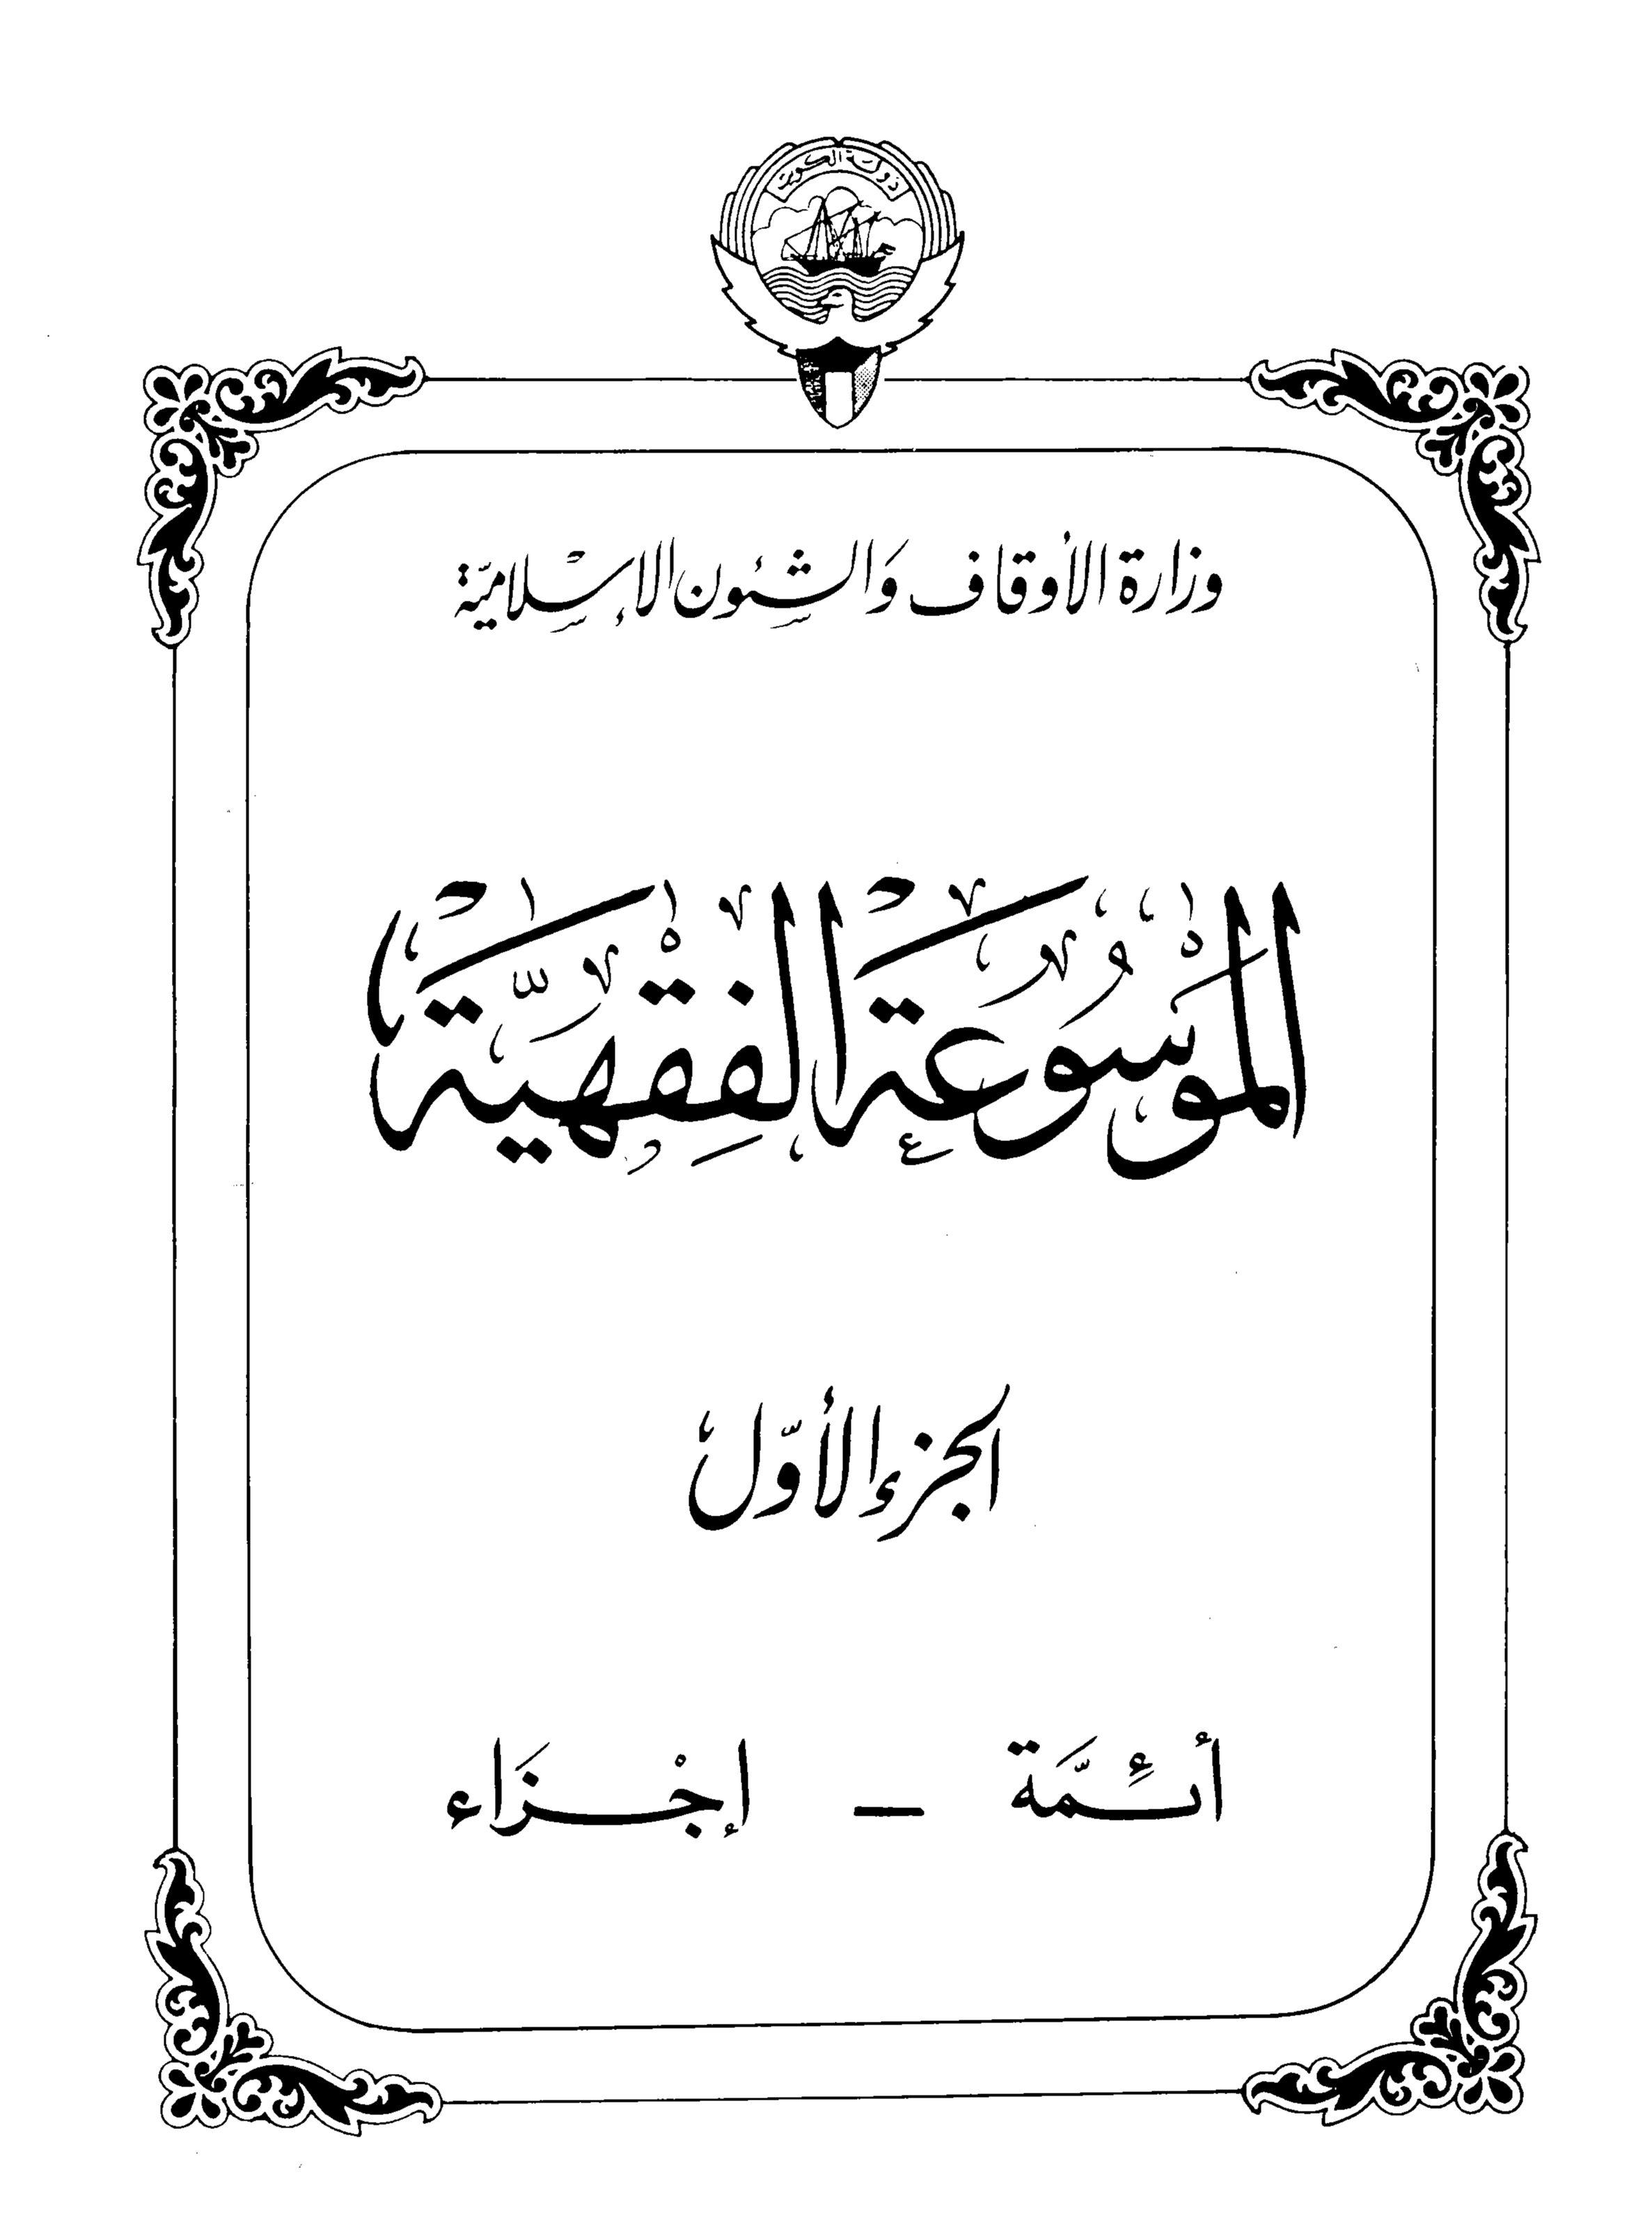 الموسوعة الفقهية الكويتية الجزء الأول (أئمة - إجزاء)